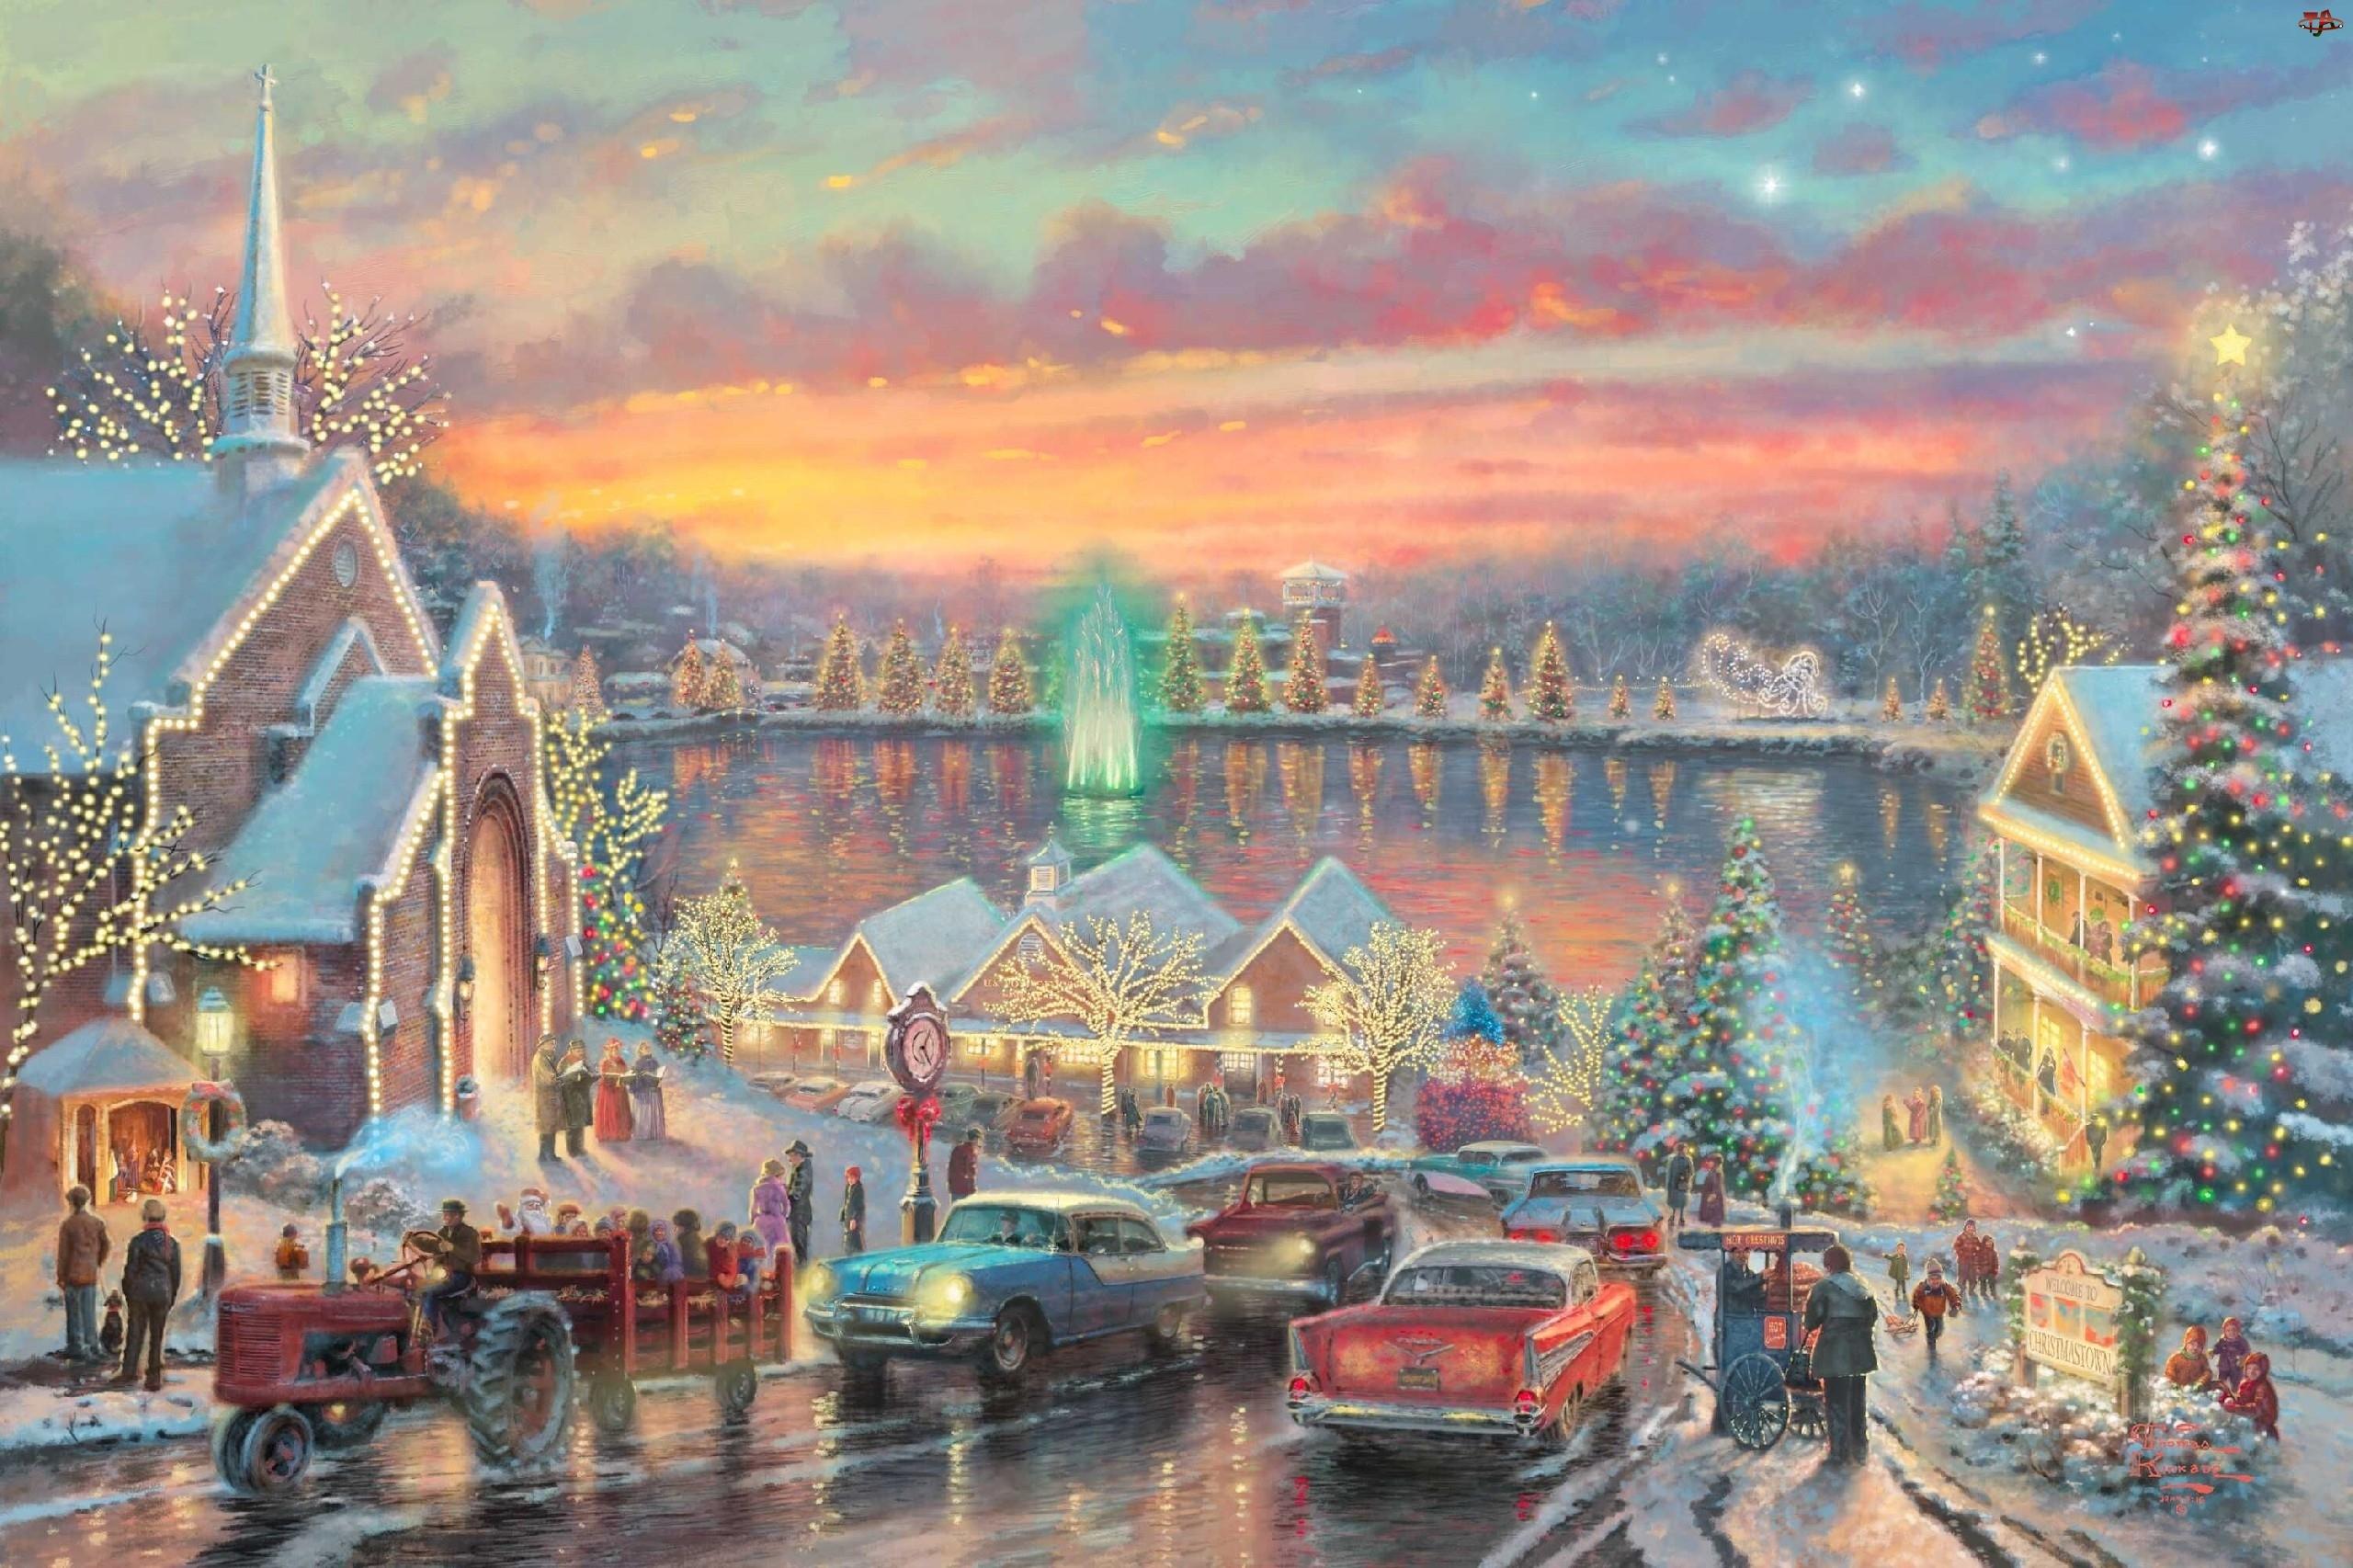 Ulica, Boże Narodzenie, Oświetlone, Domy